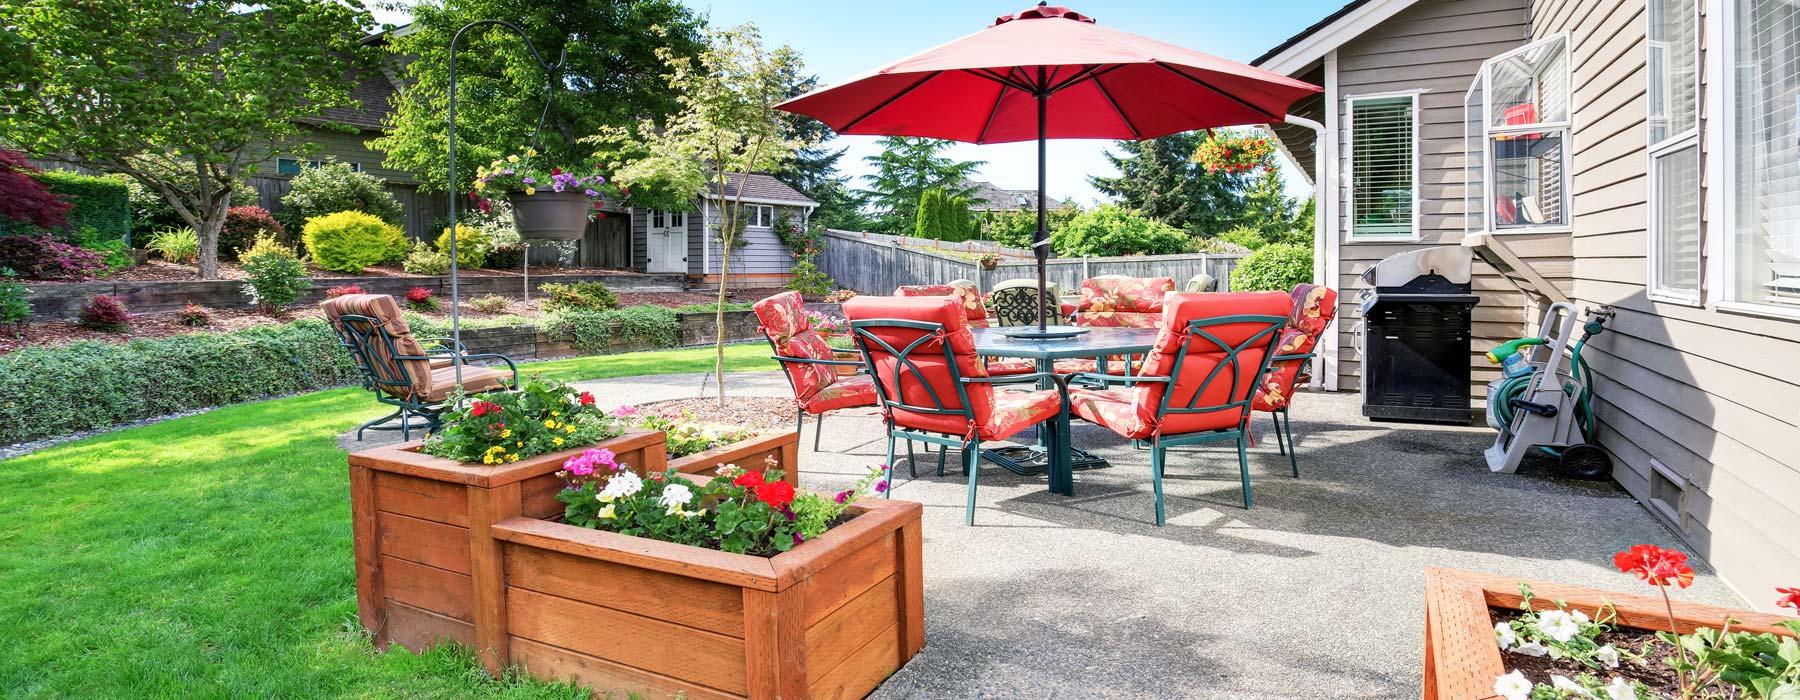 brick-patio-paver